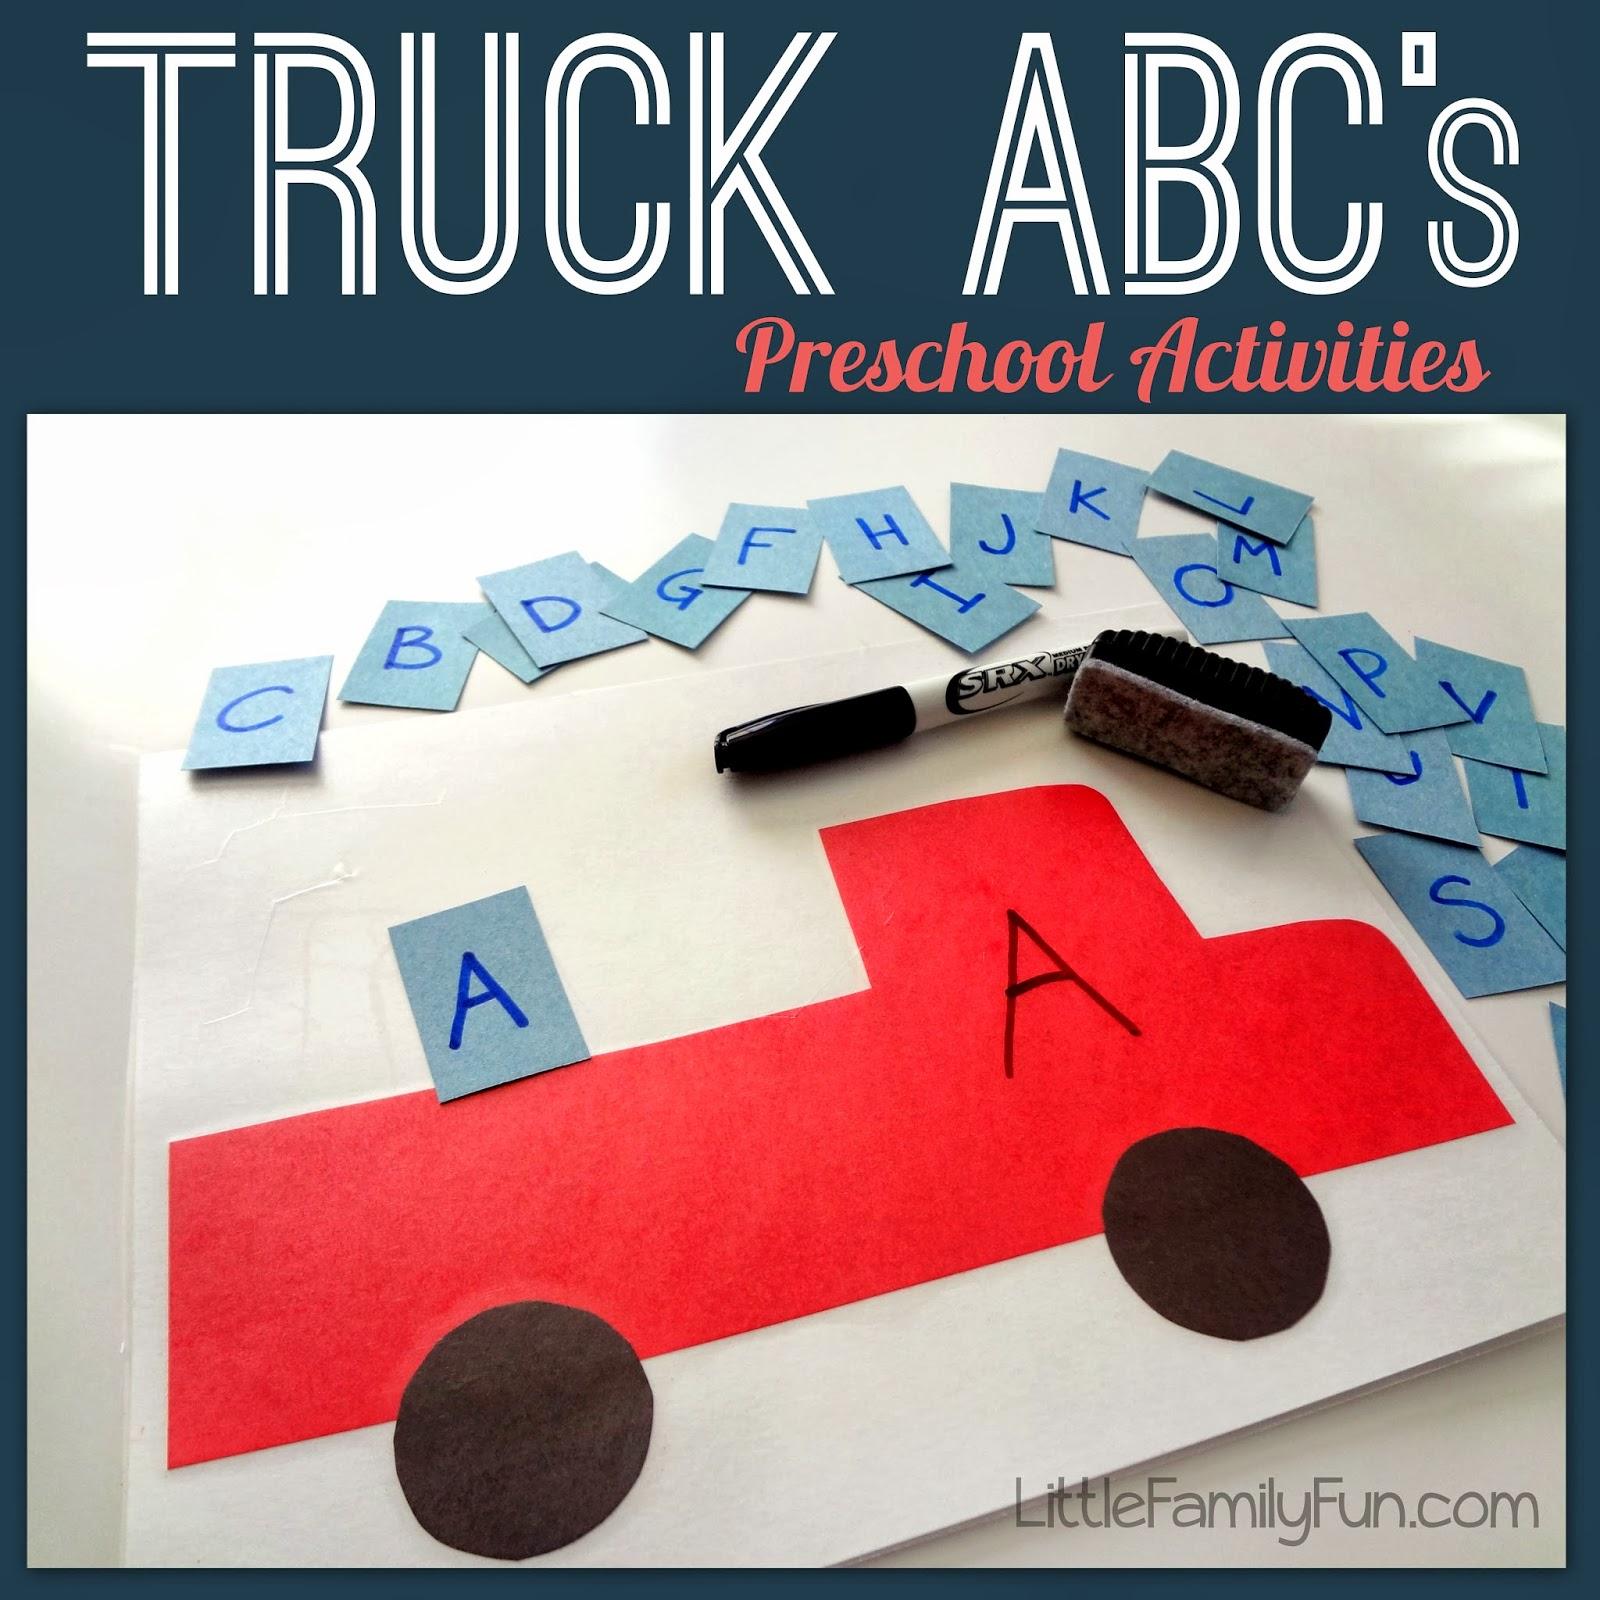 http://www.littlefamilyfun.com/2014/01/truck-abcs.html